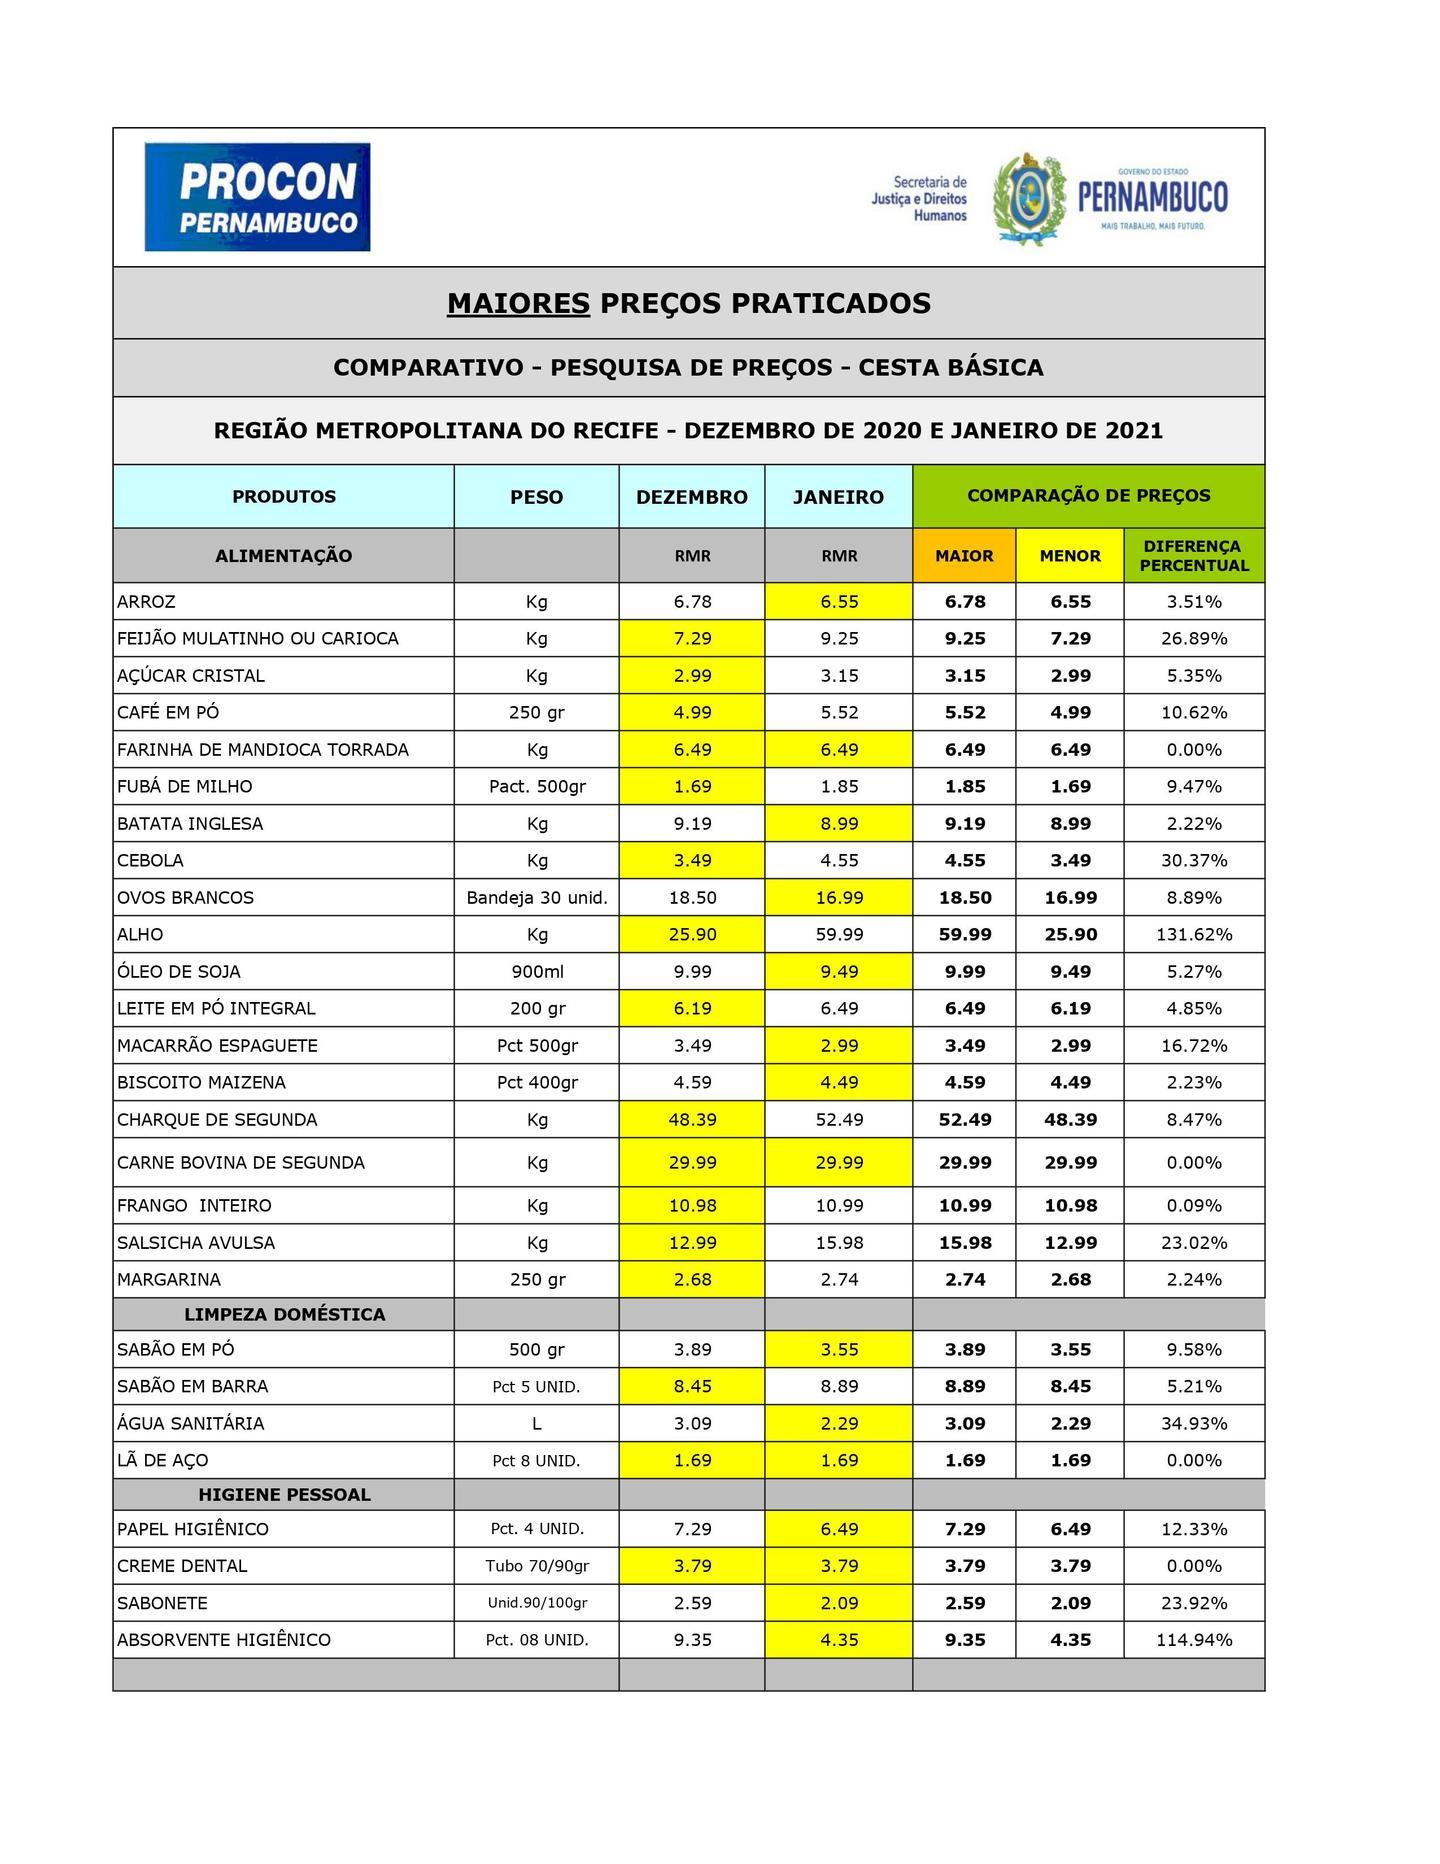 Pesquisa de preços Procon-PE